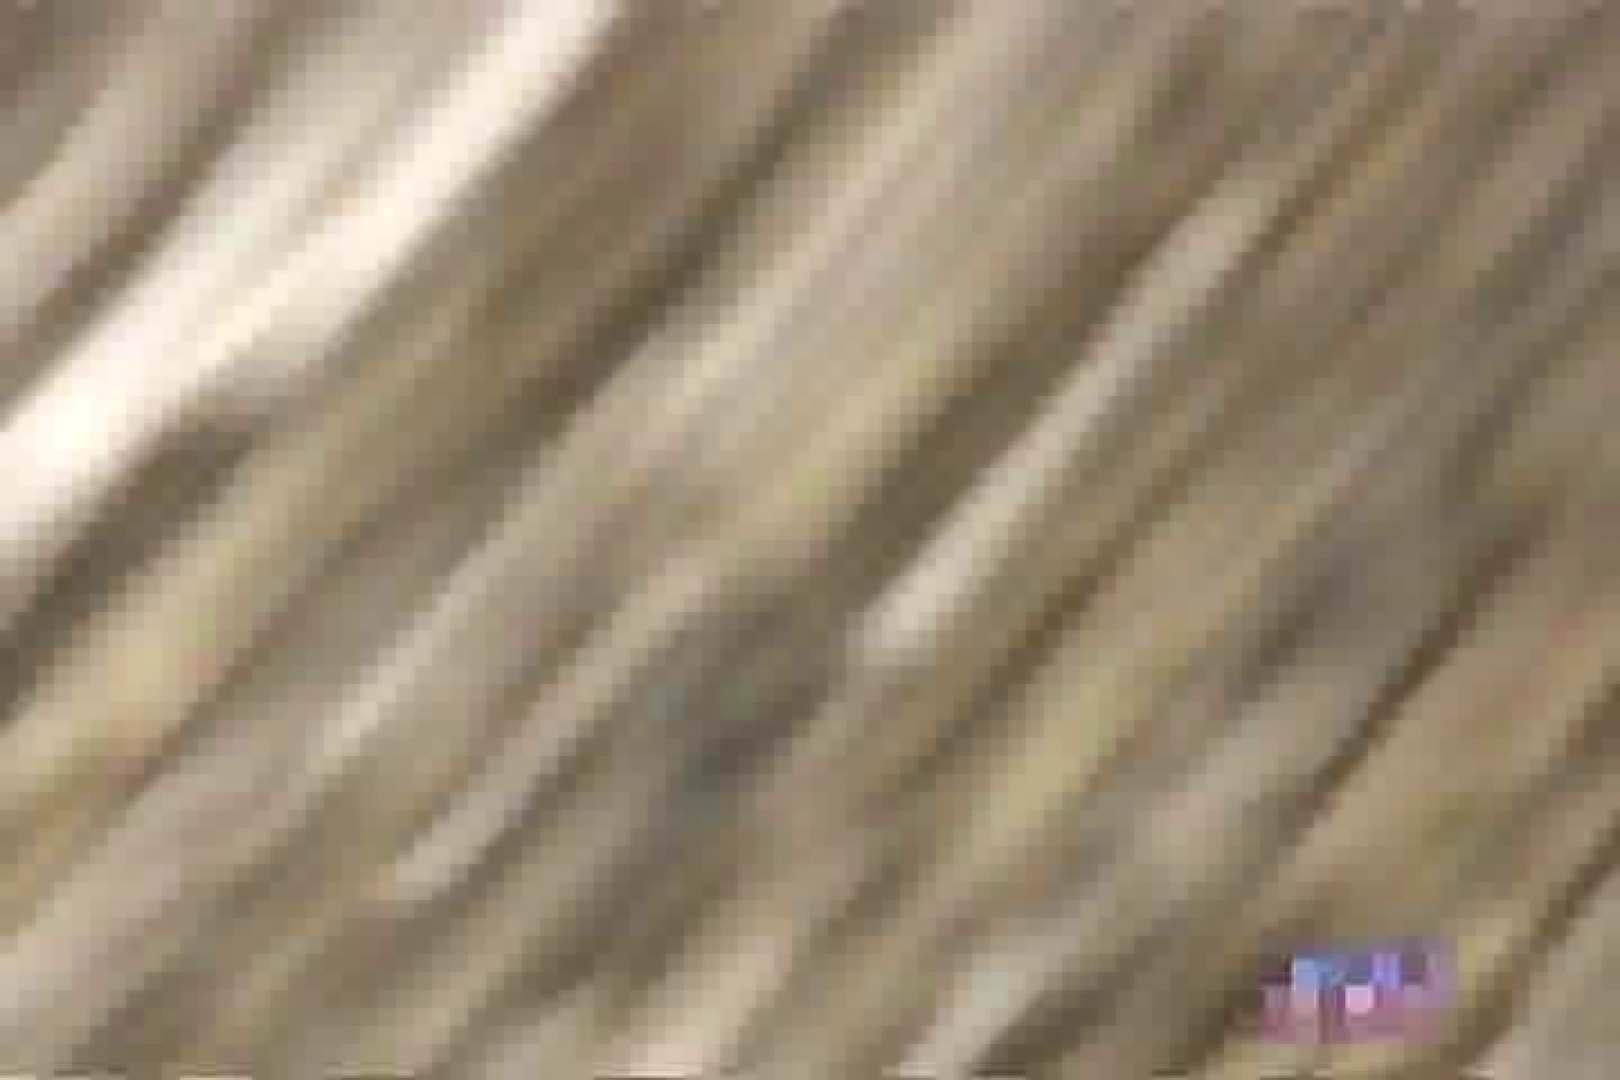 水着ギャルスッポンポンで生着替えVol.2 ワルノリ のぞき動画キャプチャ 69画像 10